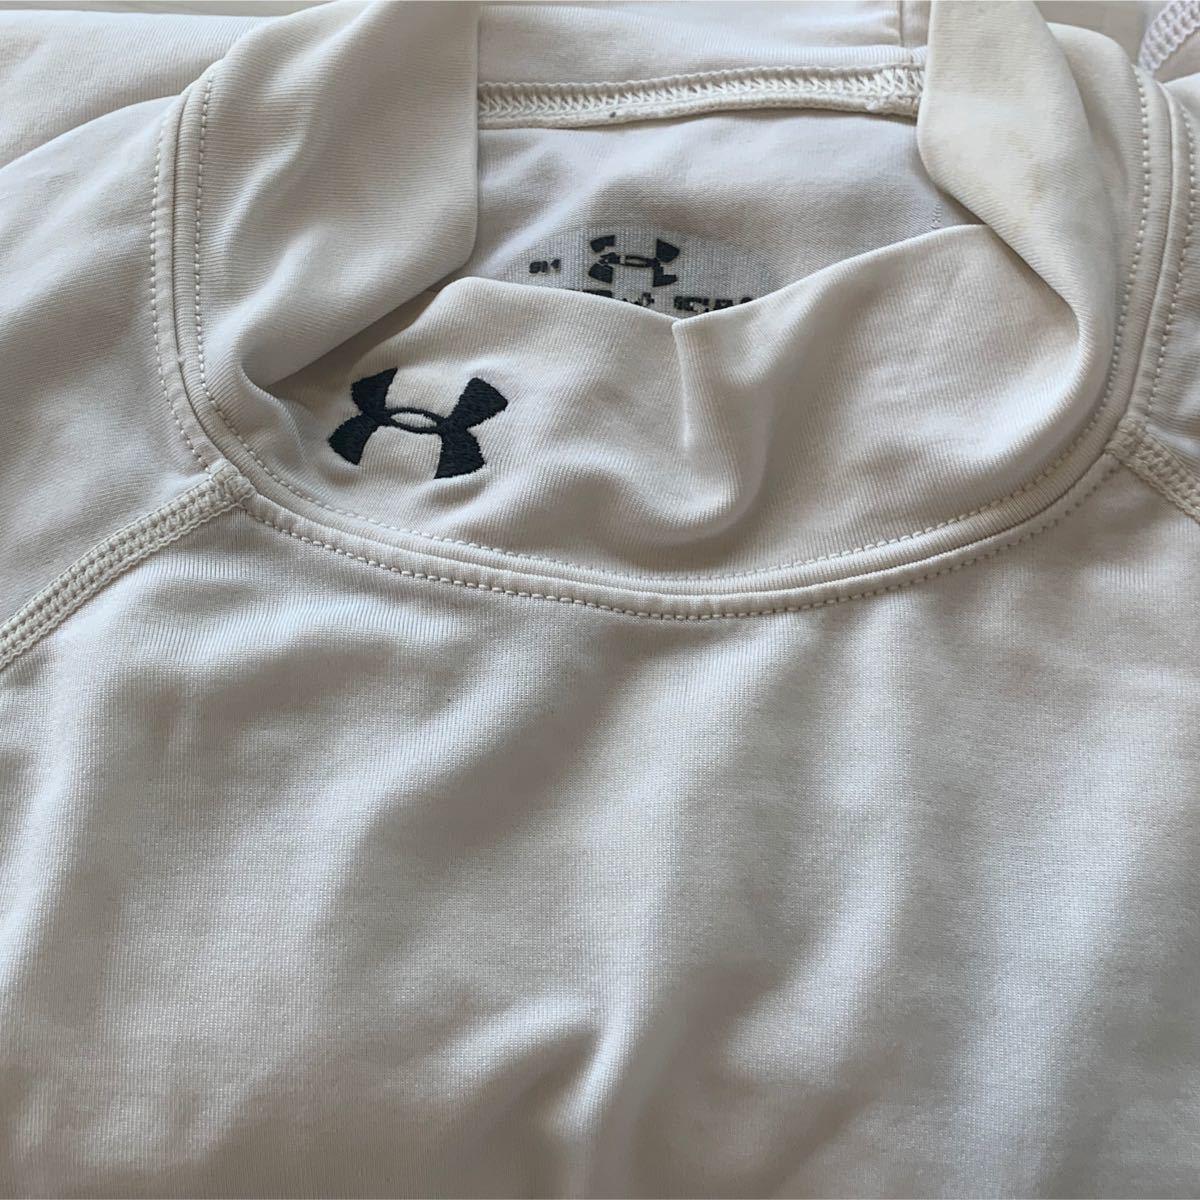 アンダーアーマー UNDER ARMOUR コンプレッションシャツ アンダーアーマーヒートギア インナーシャツ